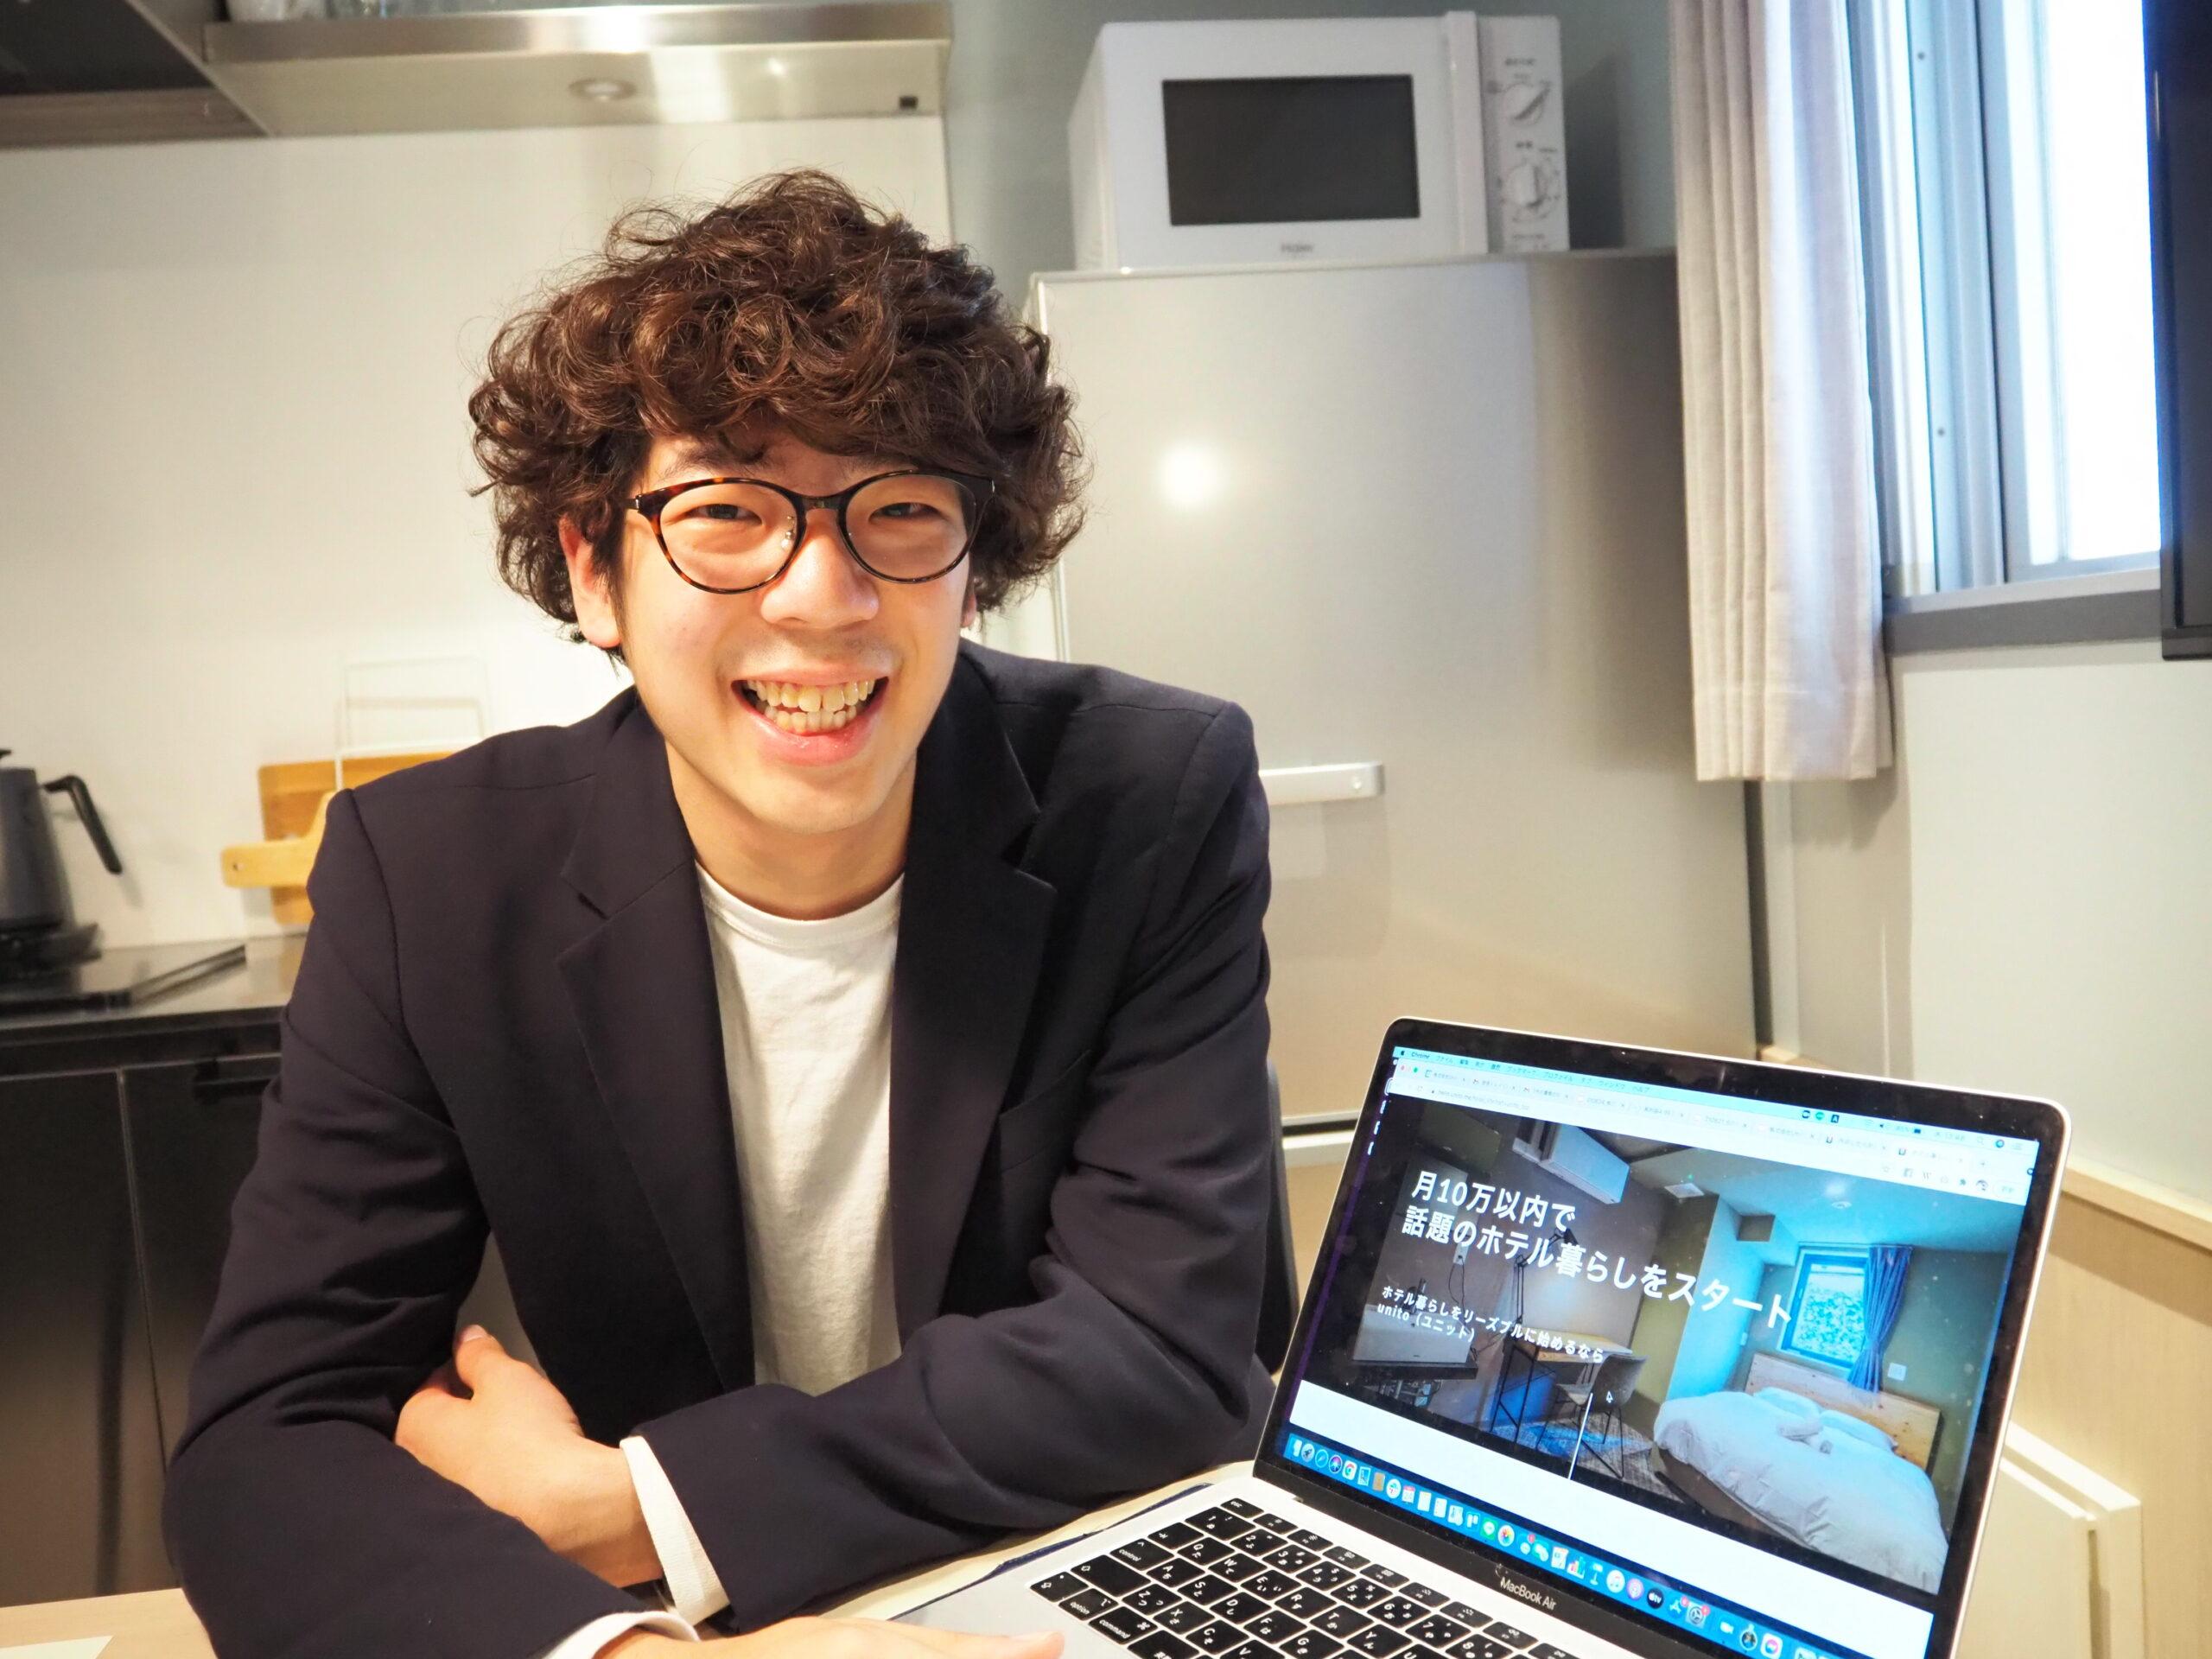 unito(ユニット) 近藤代表にリレント賃貸住宅について聞くー 東急のRe-rent Residence渋谷、25日開業